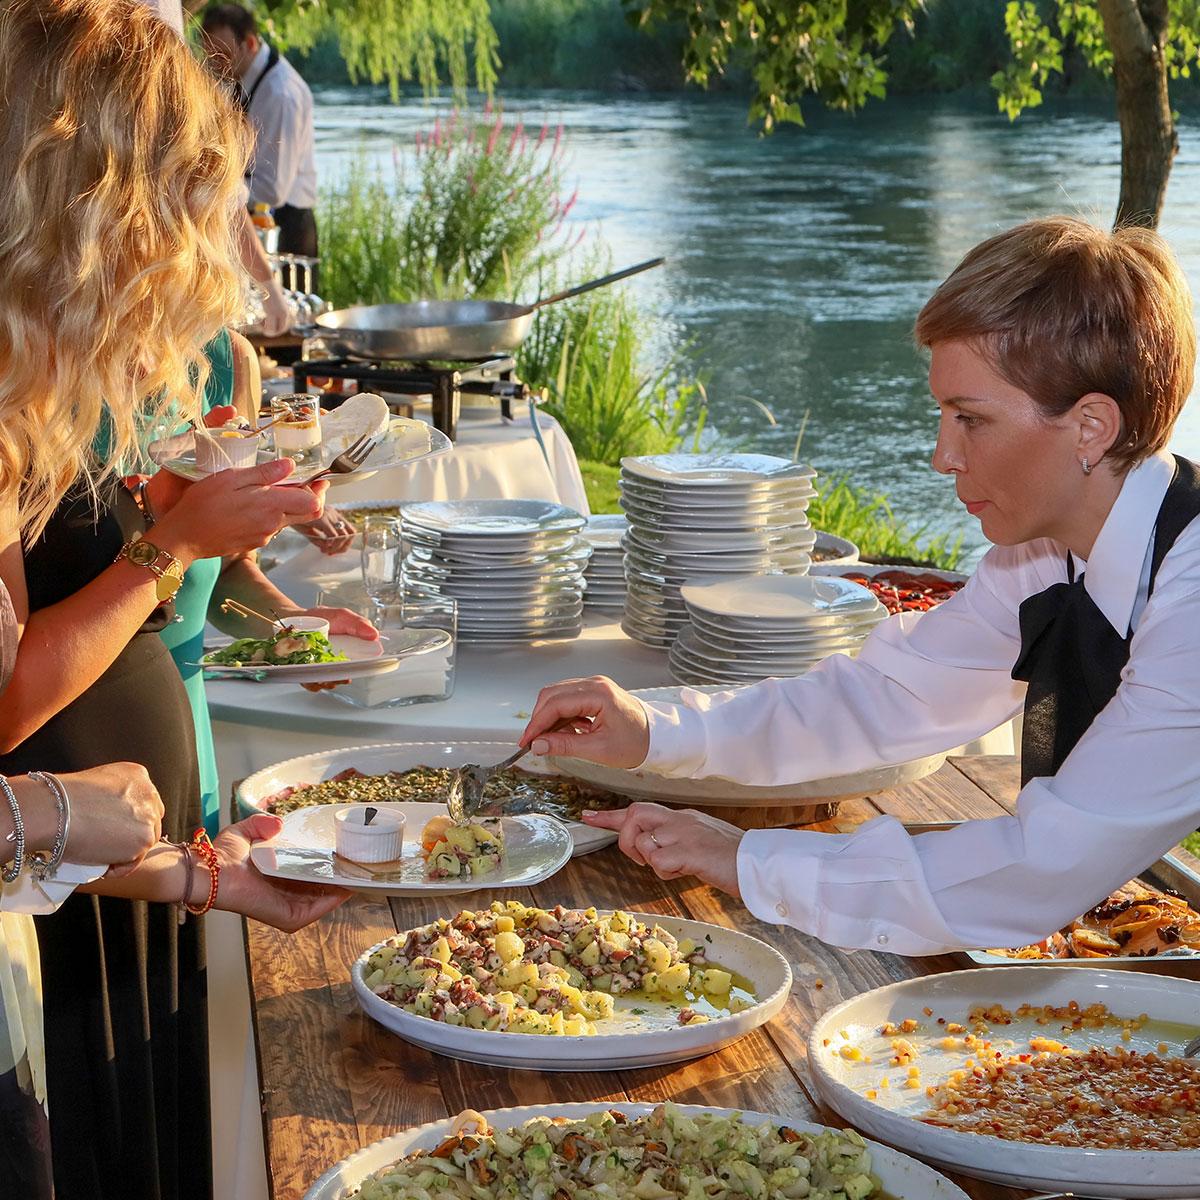 Servizio buffet | Negriricevimenti.com